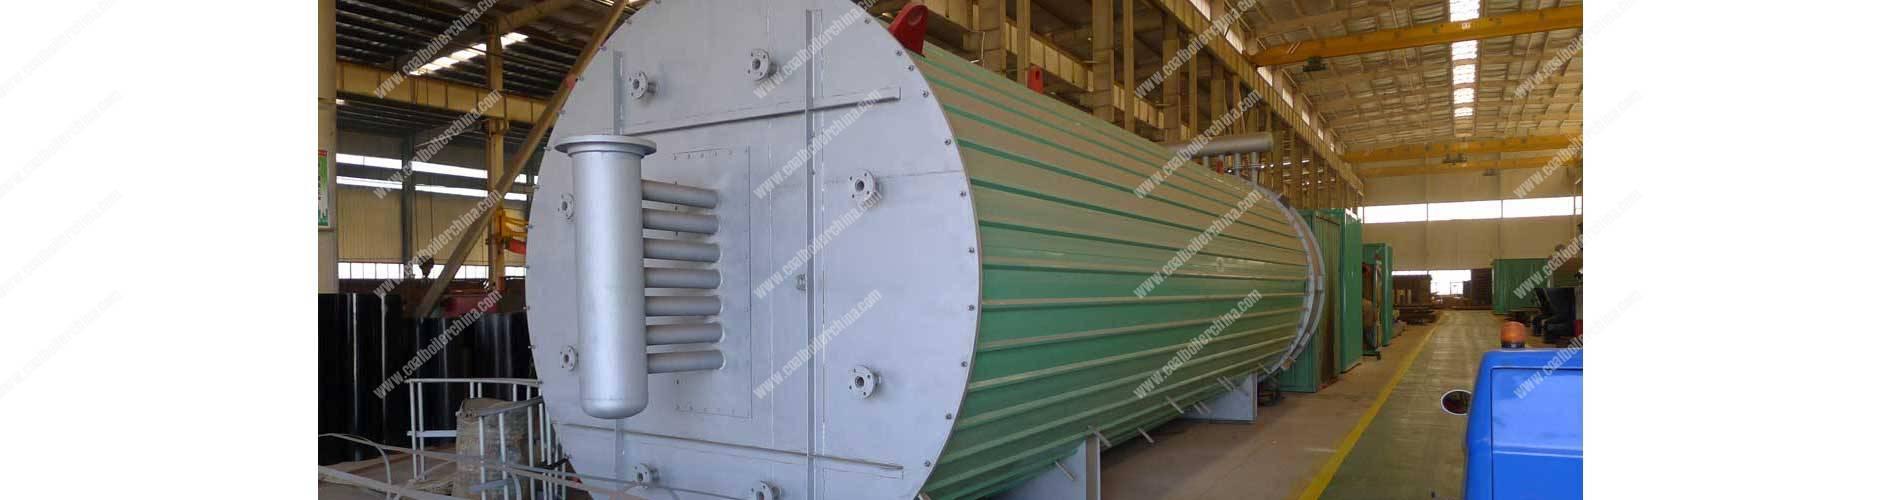 RYL Coal Fired Molten Salt Heaters